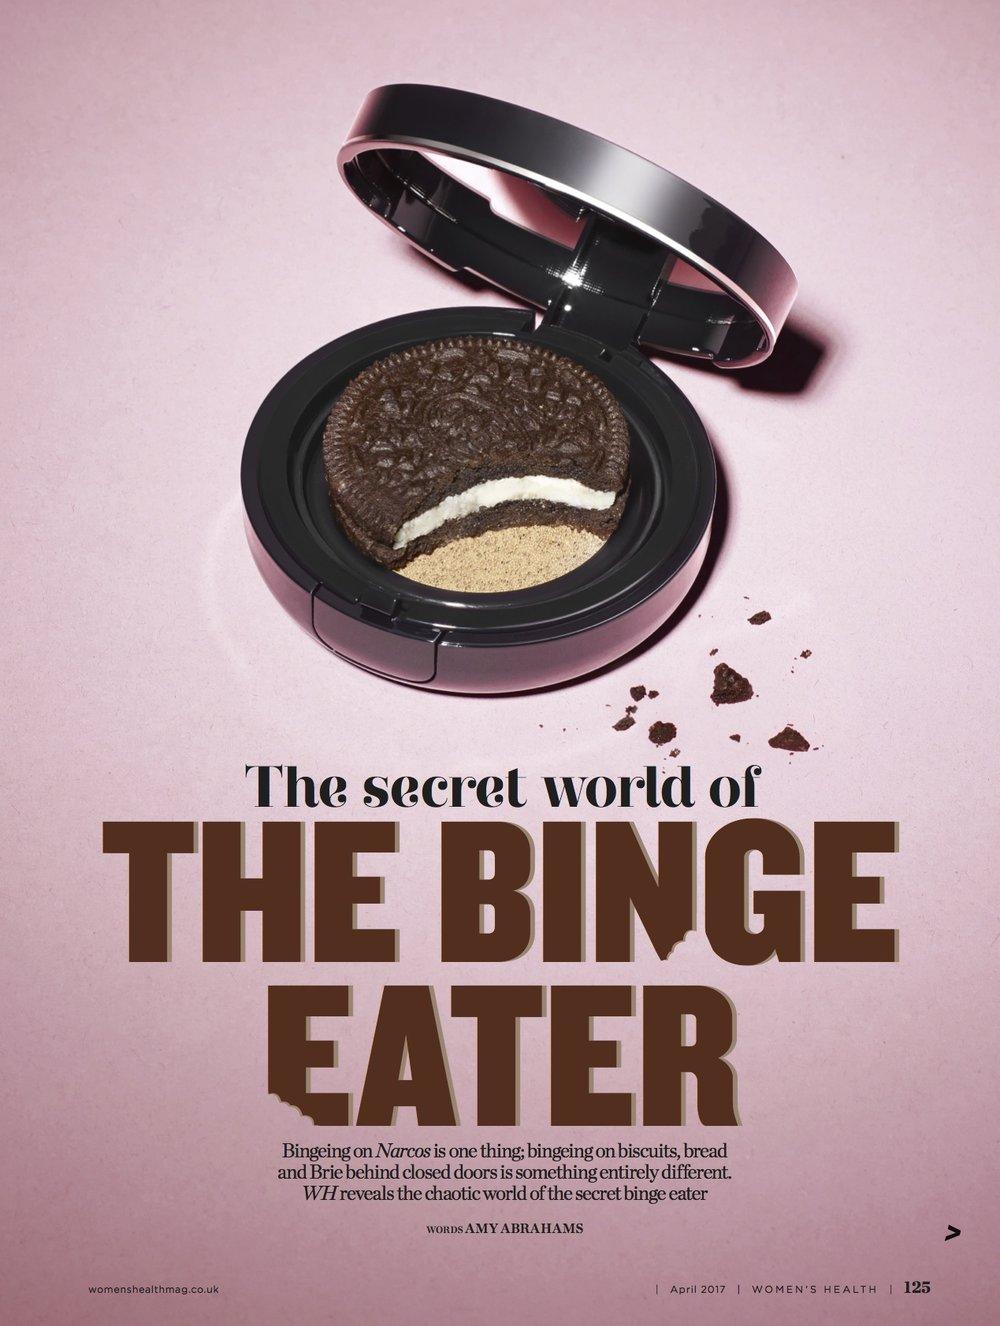 The Secret World Of The Binge Eater.jpg